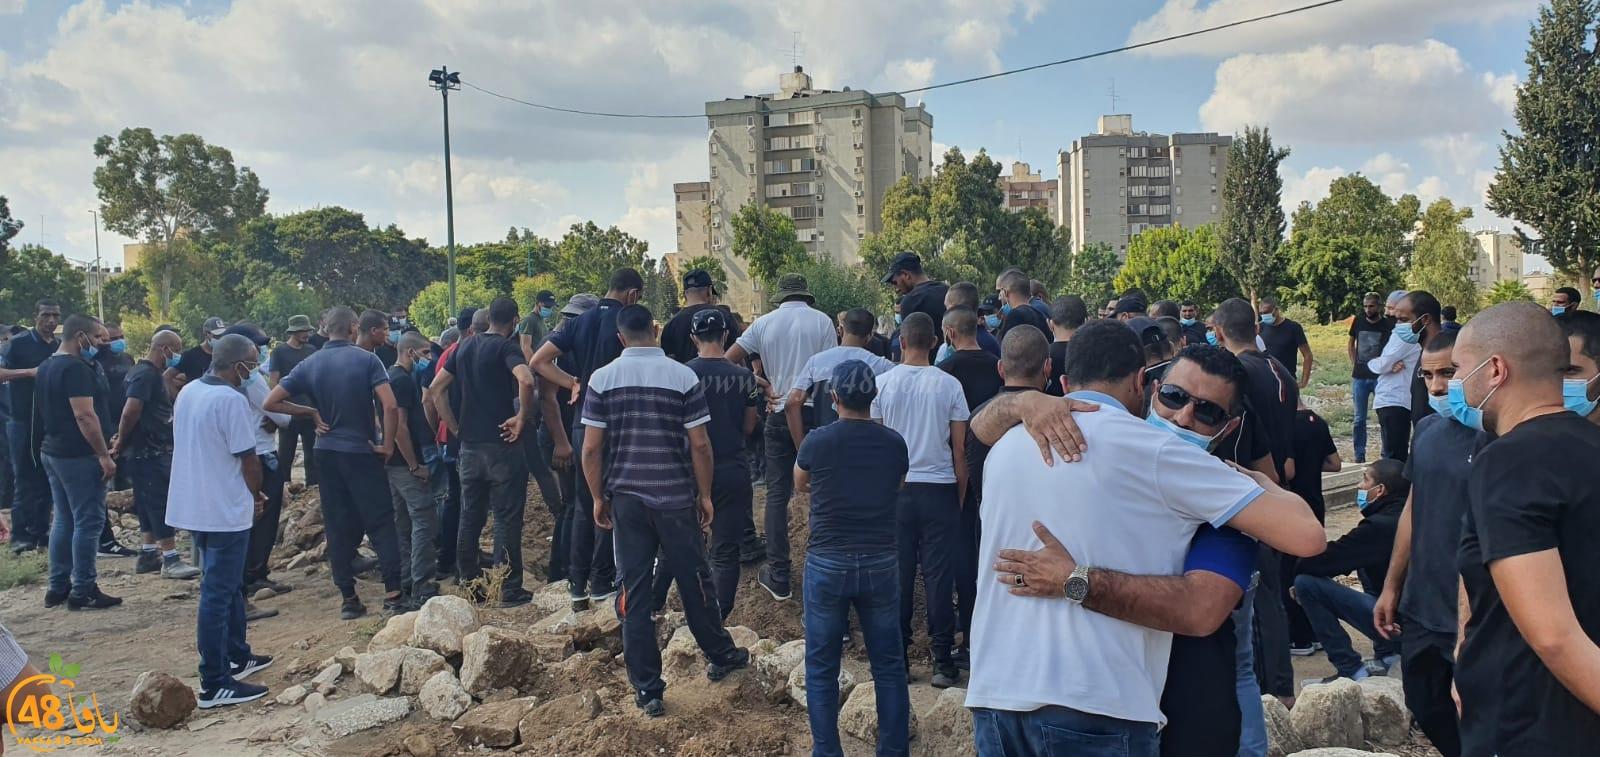 اللد: تشييع جثمان الحاج ابراهيم ابو غانم أبو عمر